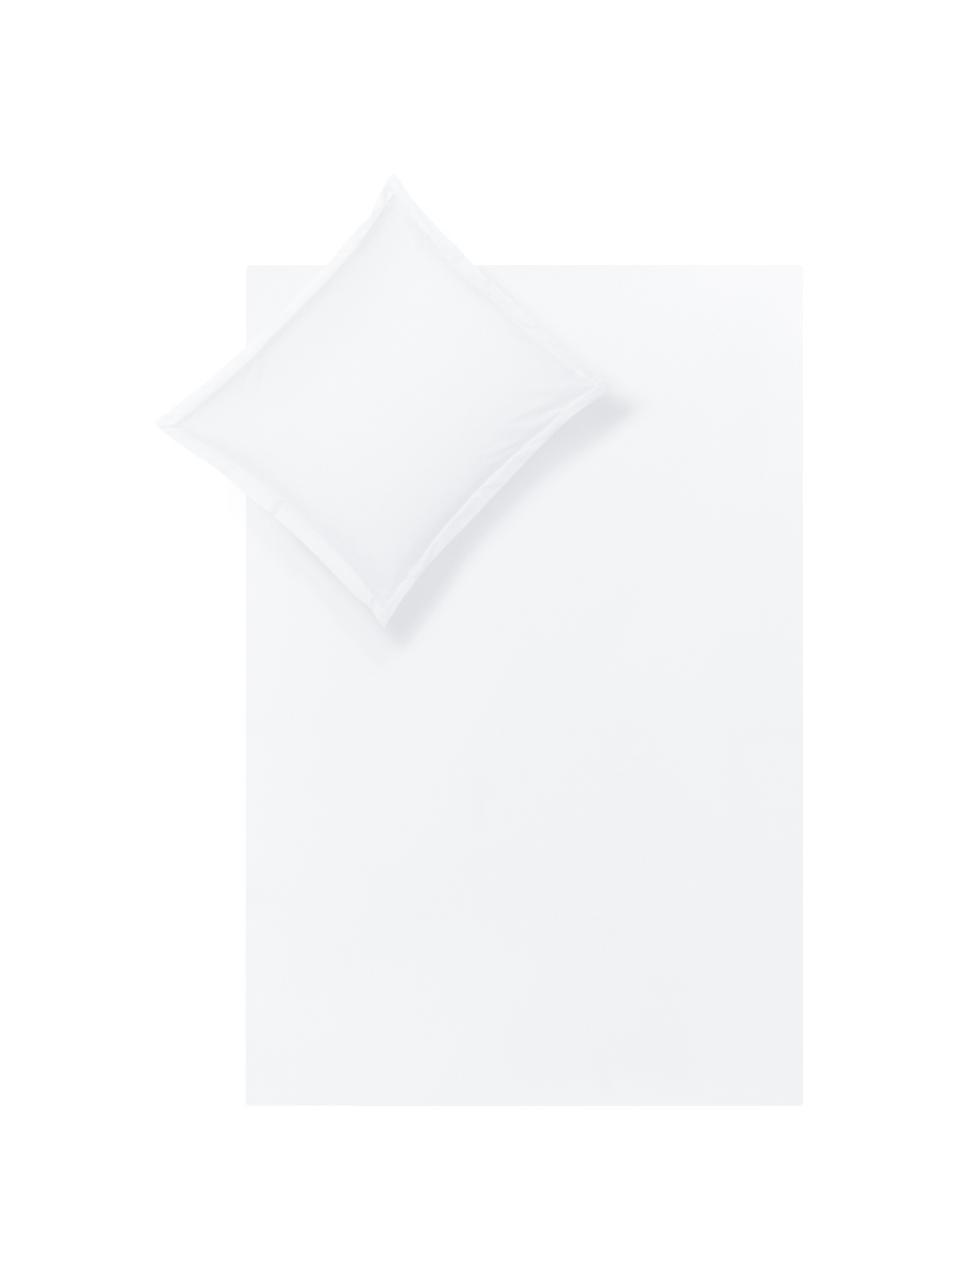 Katoensatijnen dekbedovertrek Premium in wit met bies, Weeftechniek: satijn, licht glanzend, Wit, 140 x 200 cm